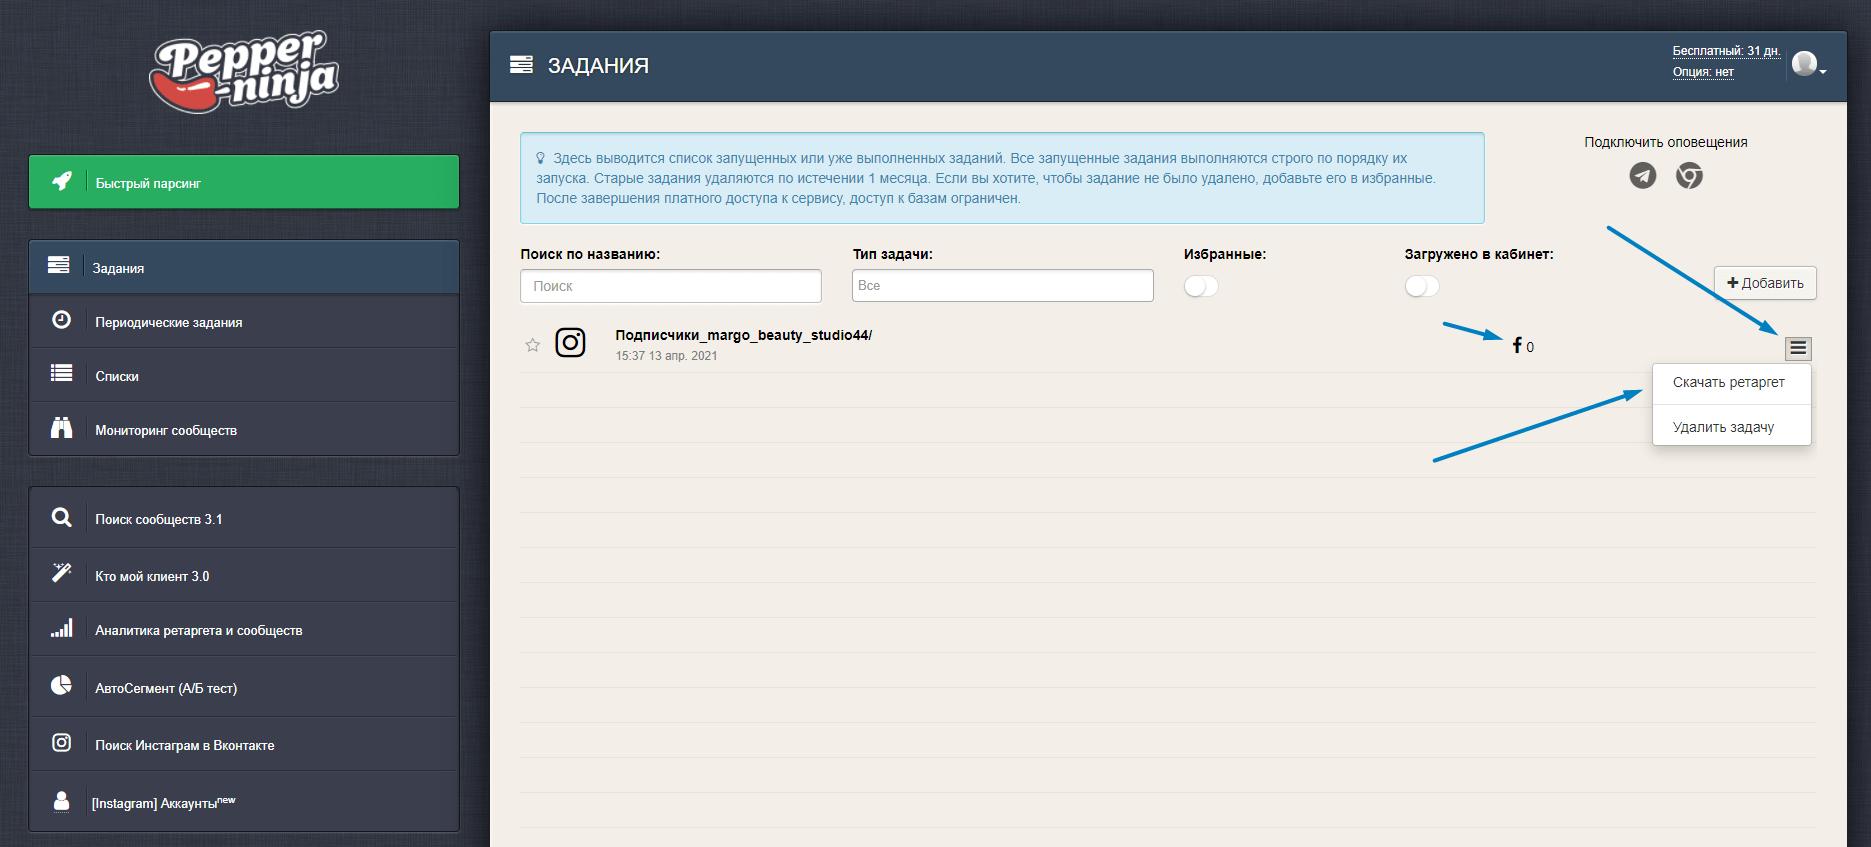 В моем исходном списке было всего 100 ссылок, поэтому парсеру не удалось собрать ни одного контакта. Количество появится рядом с буквой F, когда задача выполнится